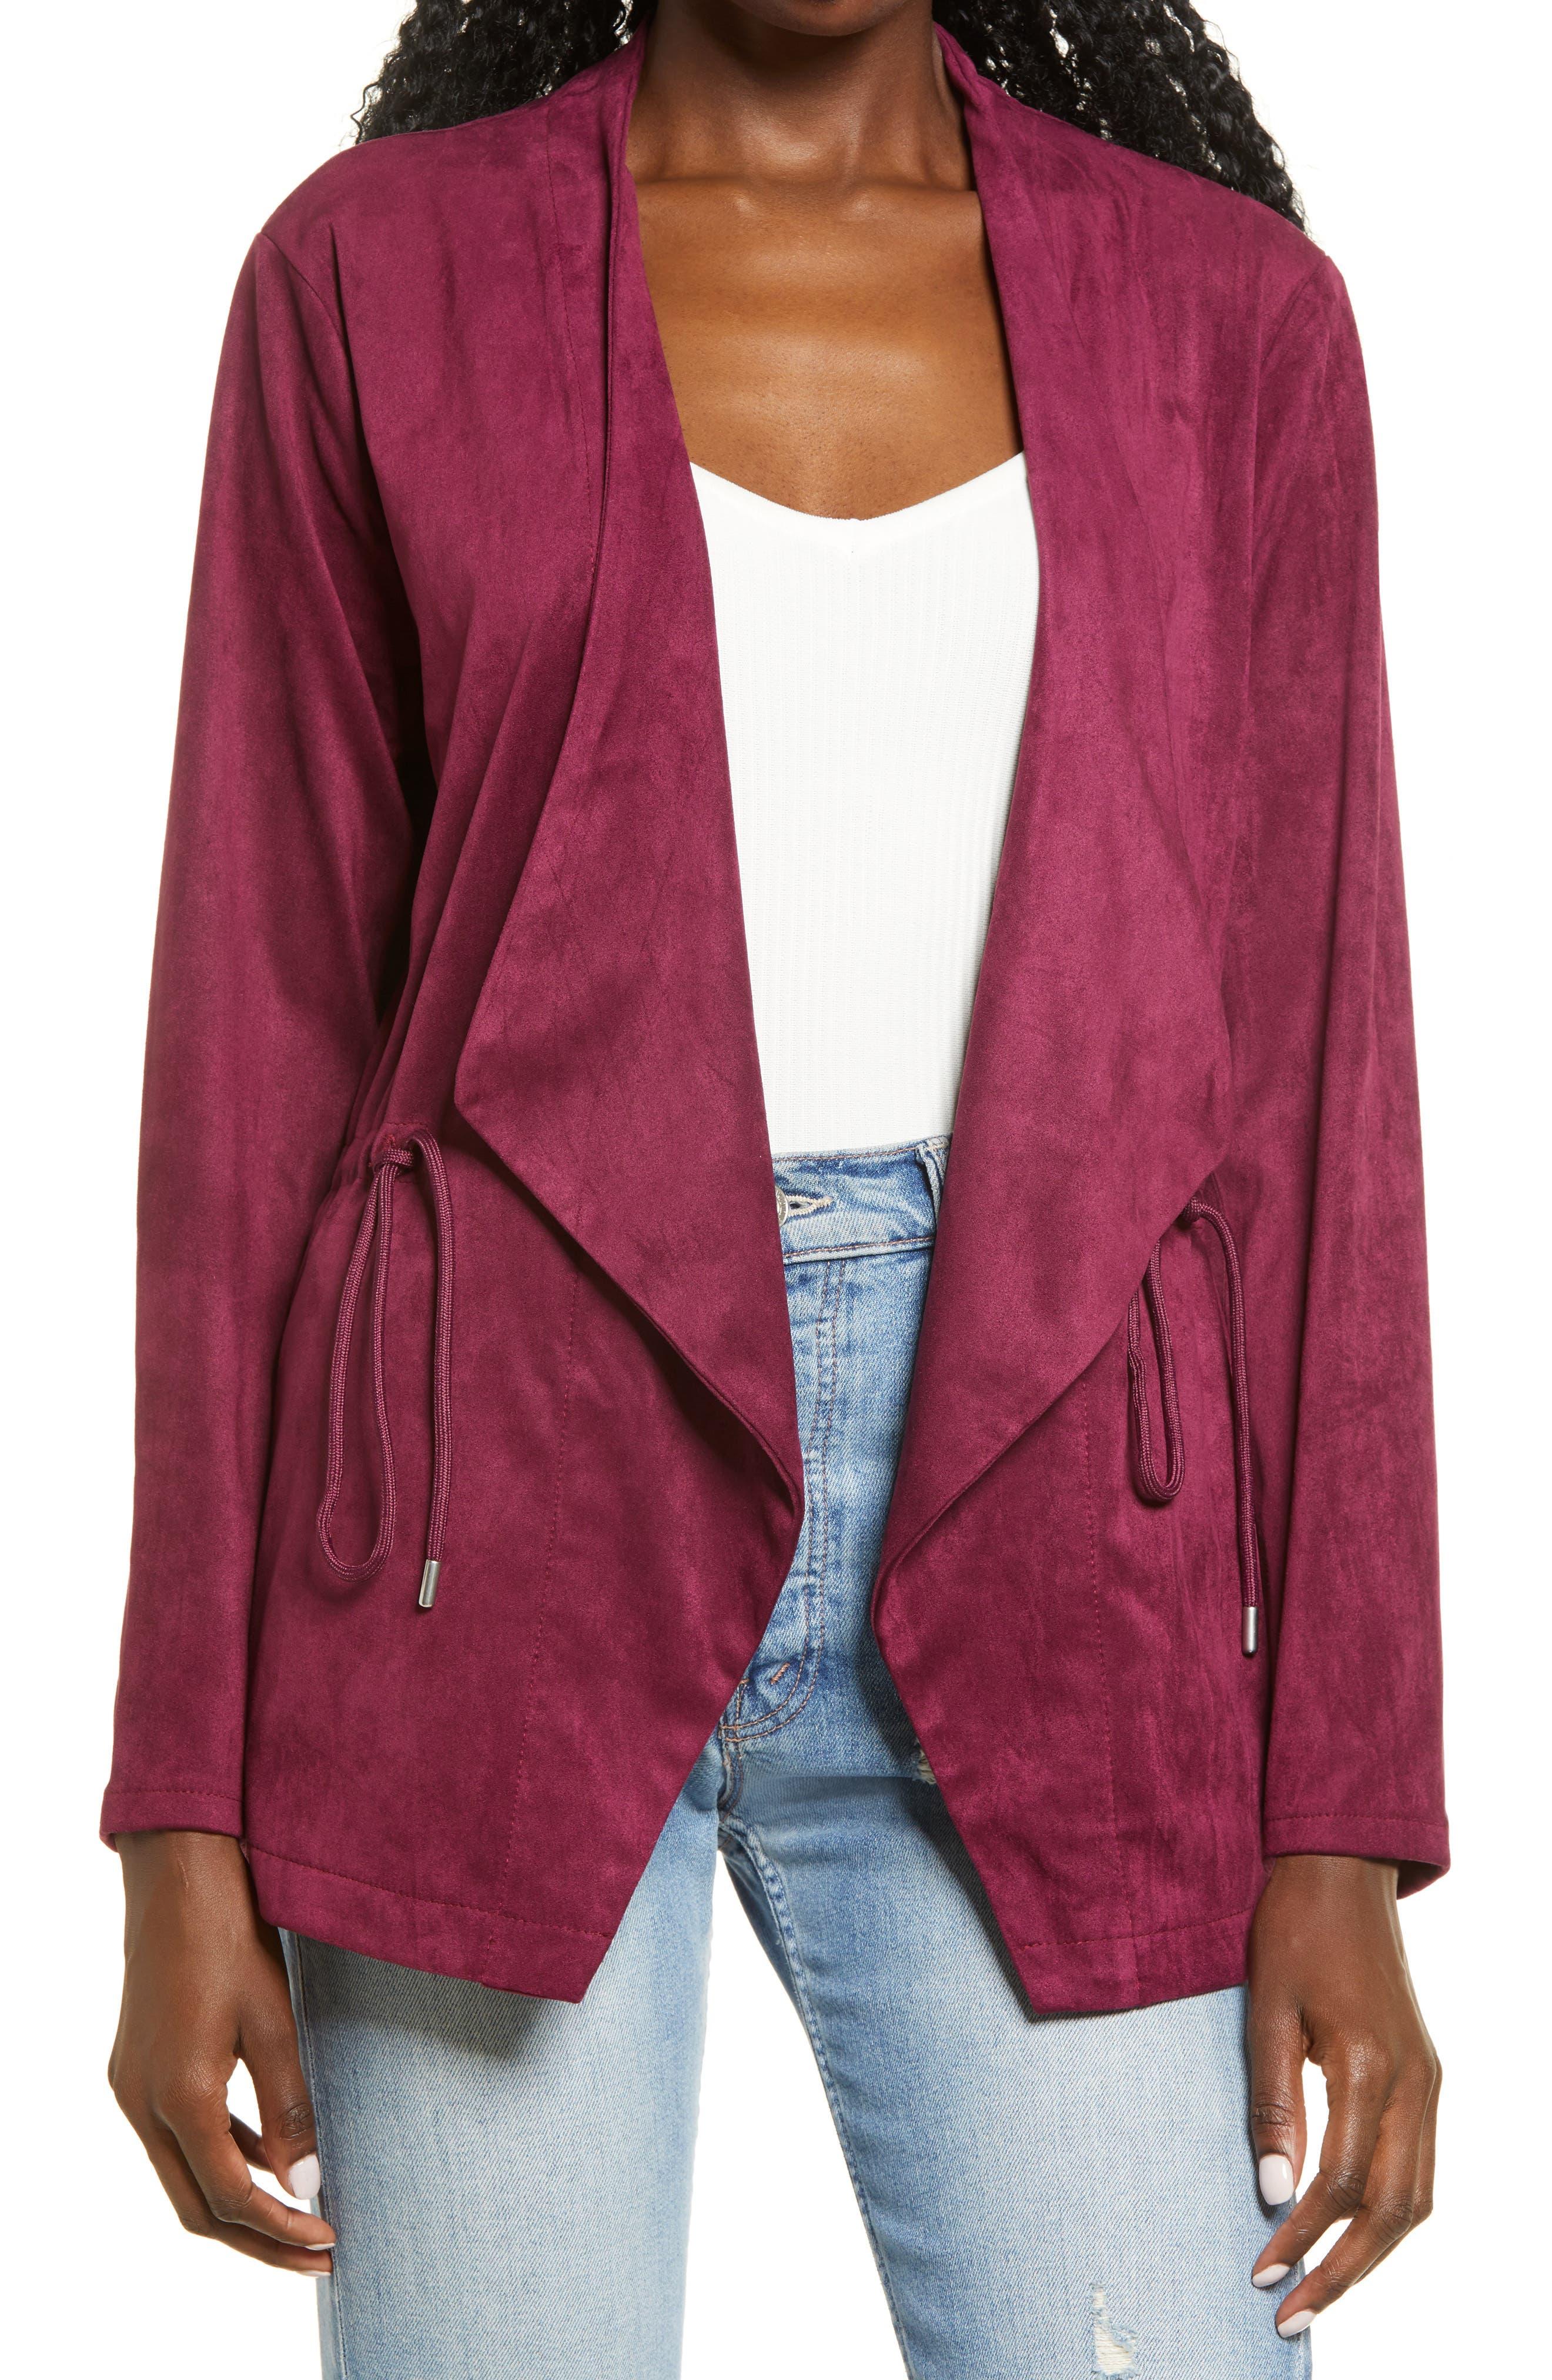 Women's Blanknyc Faux Suede Drapey Jacket, Size Medium - Pink